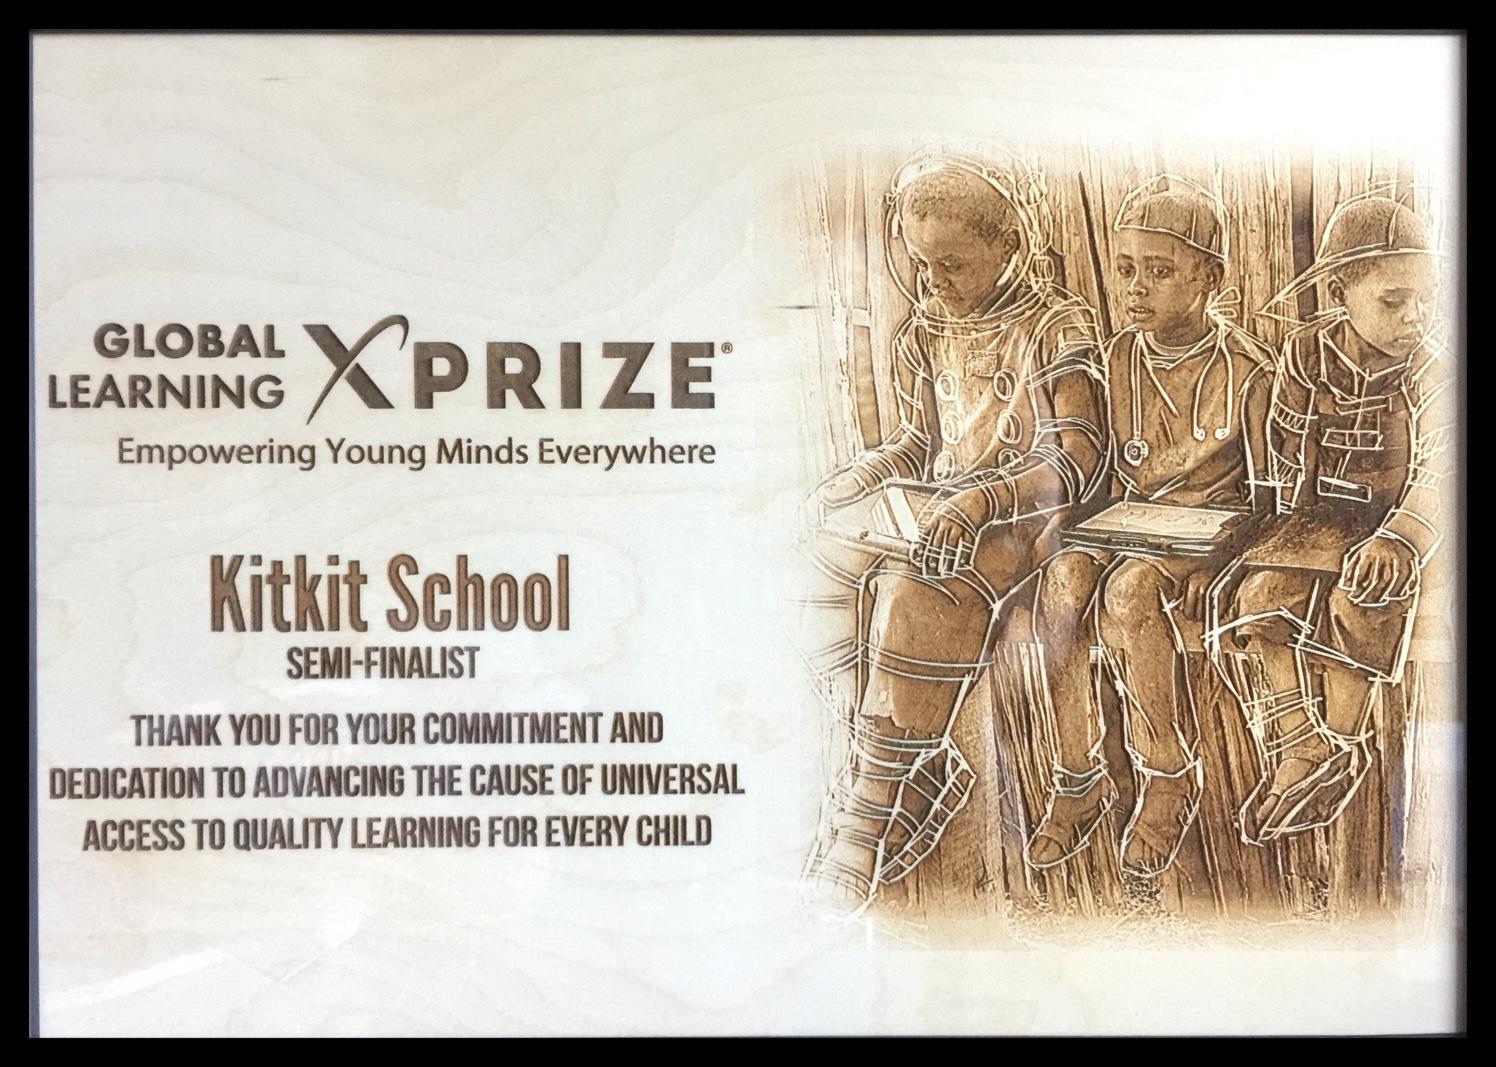 Kitkit School